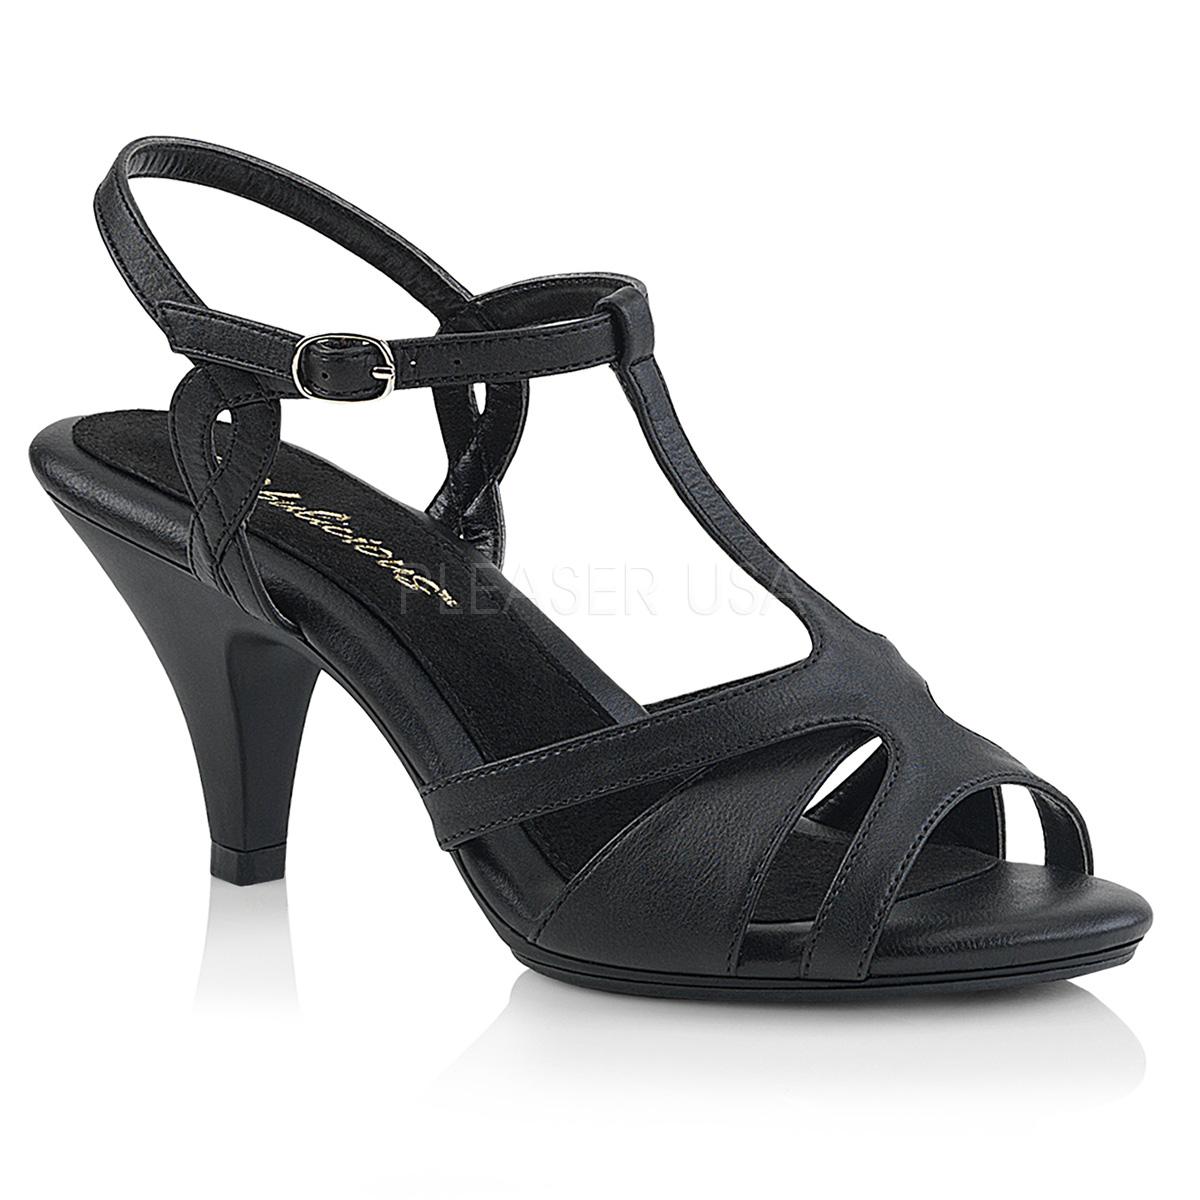 Sandales noires à brides - Pointure : 37